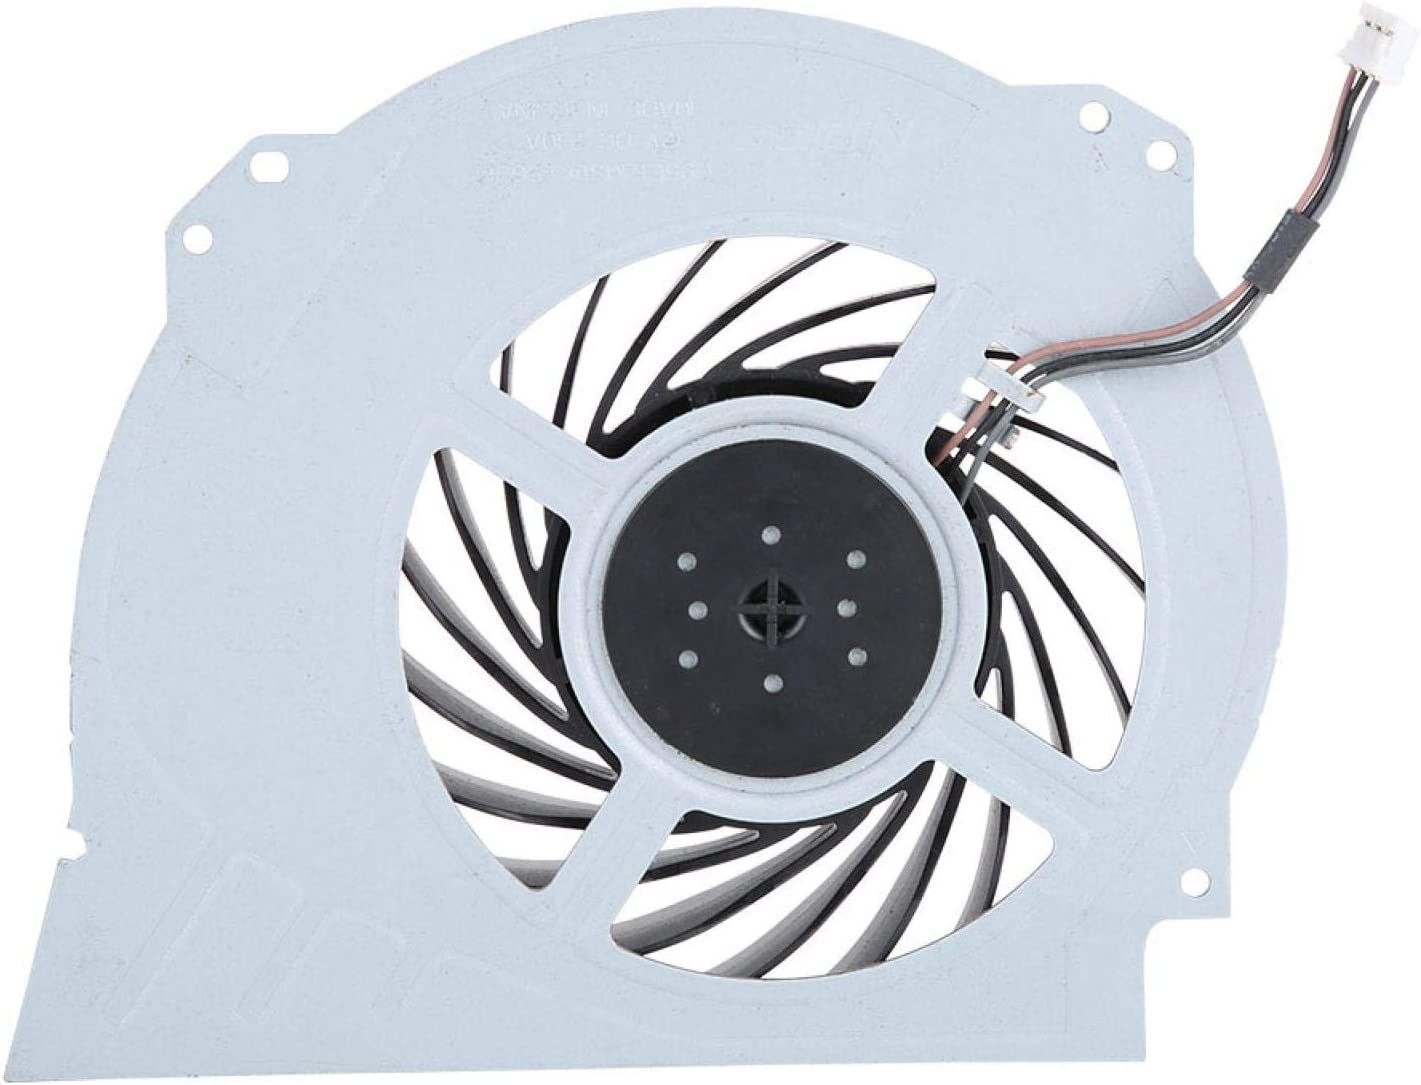 SALUTUY Ventilador de refrigeración Ventilador de refrigeración Interno de Repuesto portátil Duradero, para Pro 7000-7500